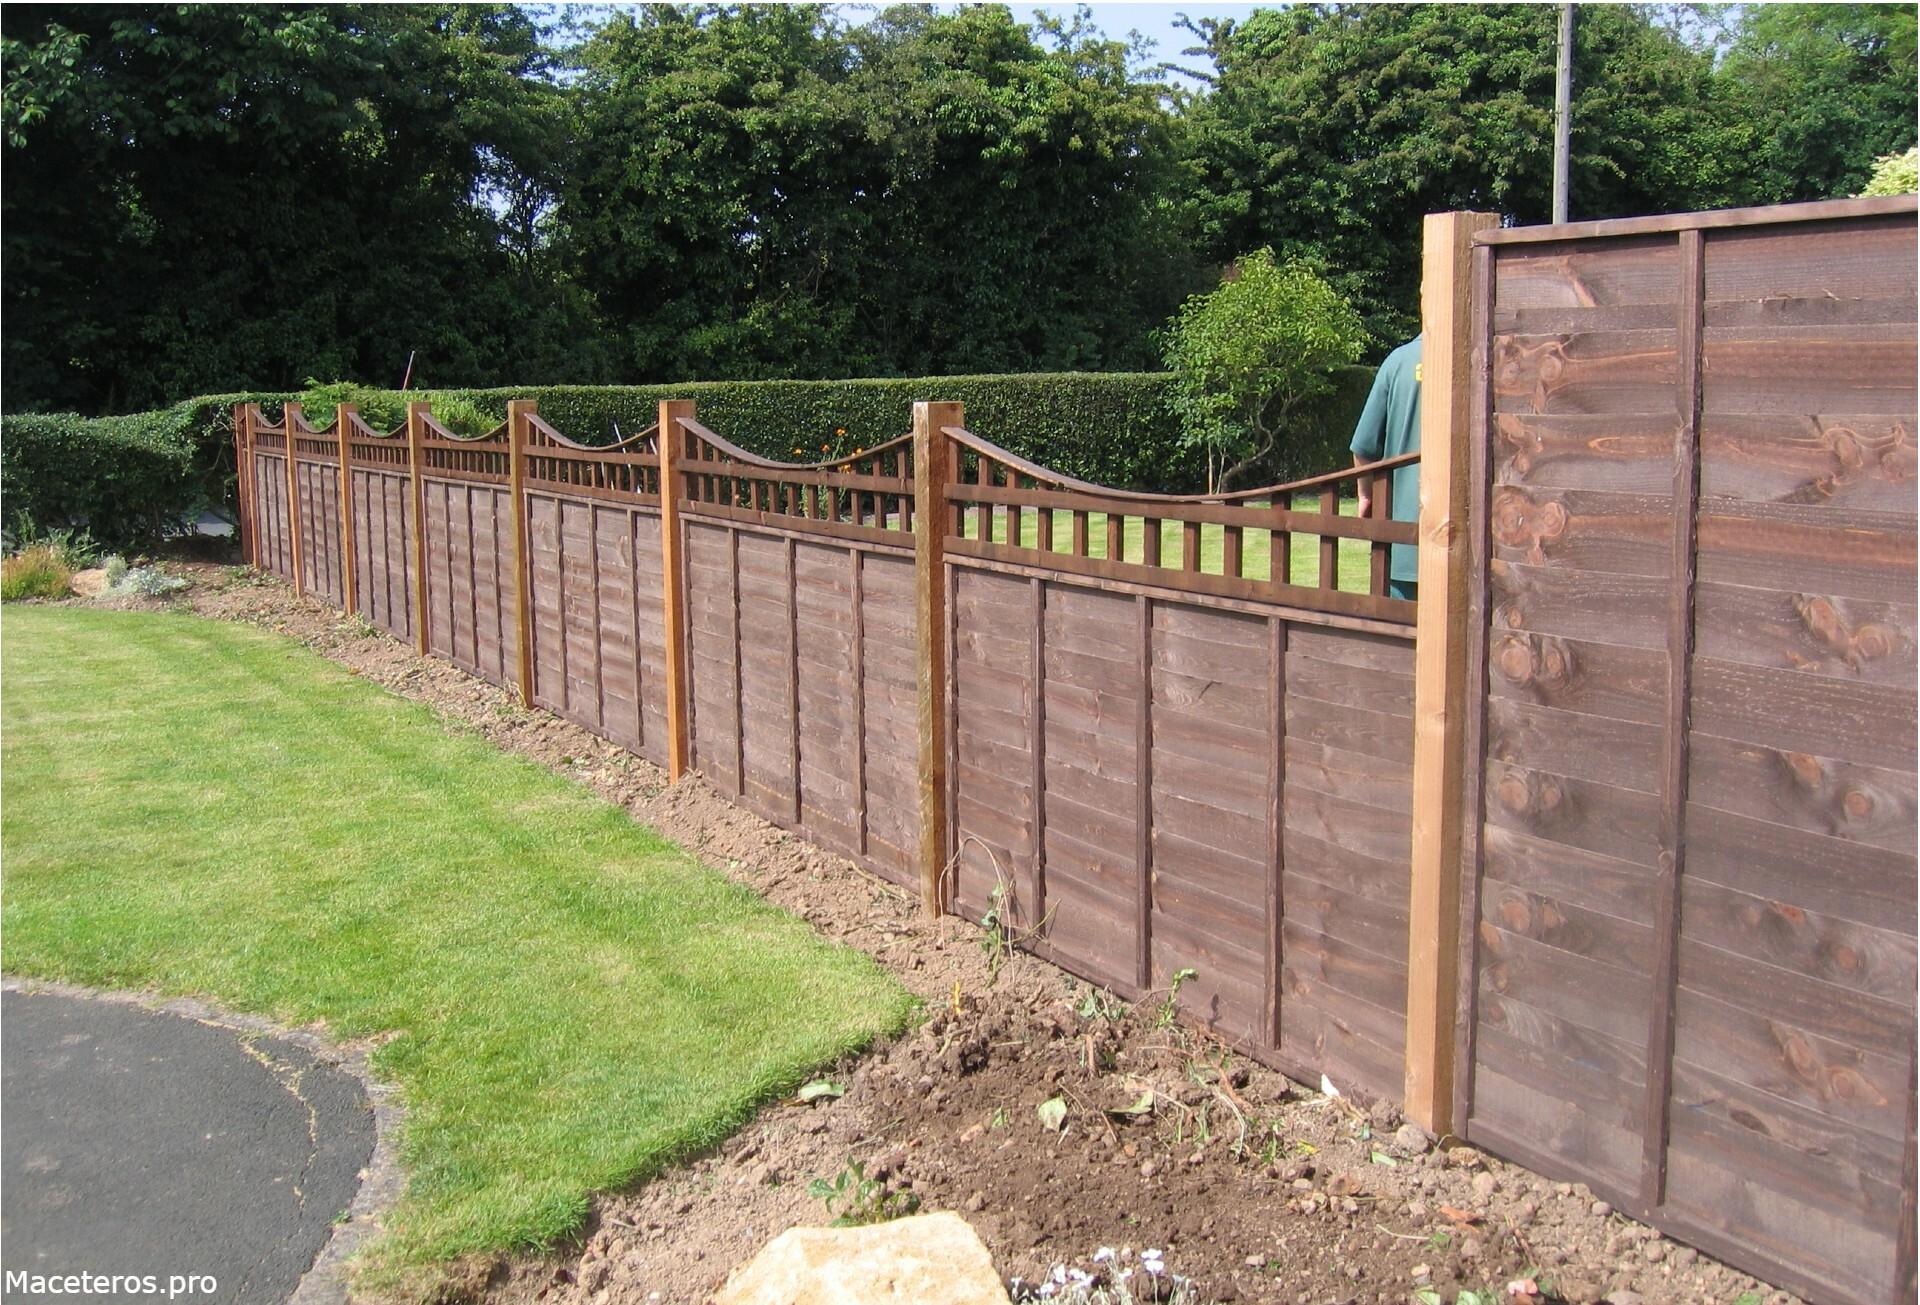 comprar paneles de madera para jardin